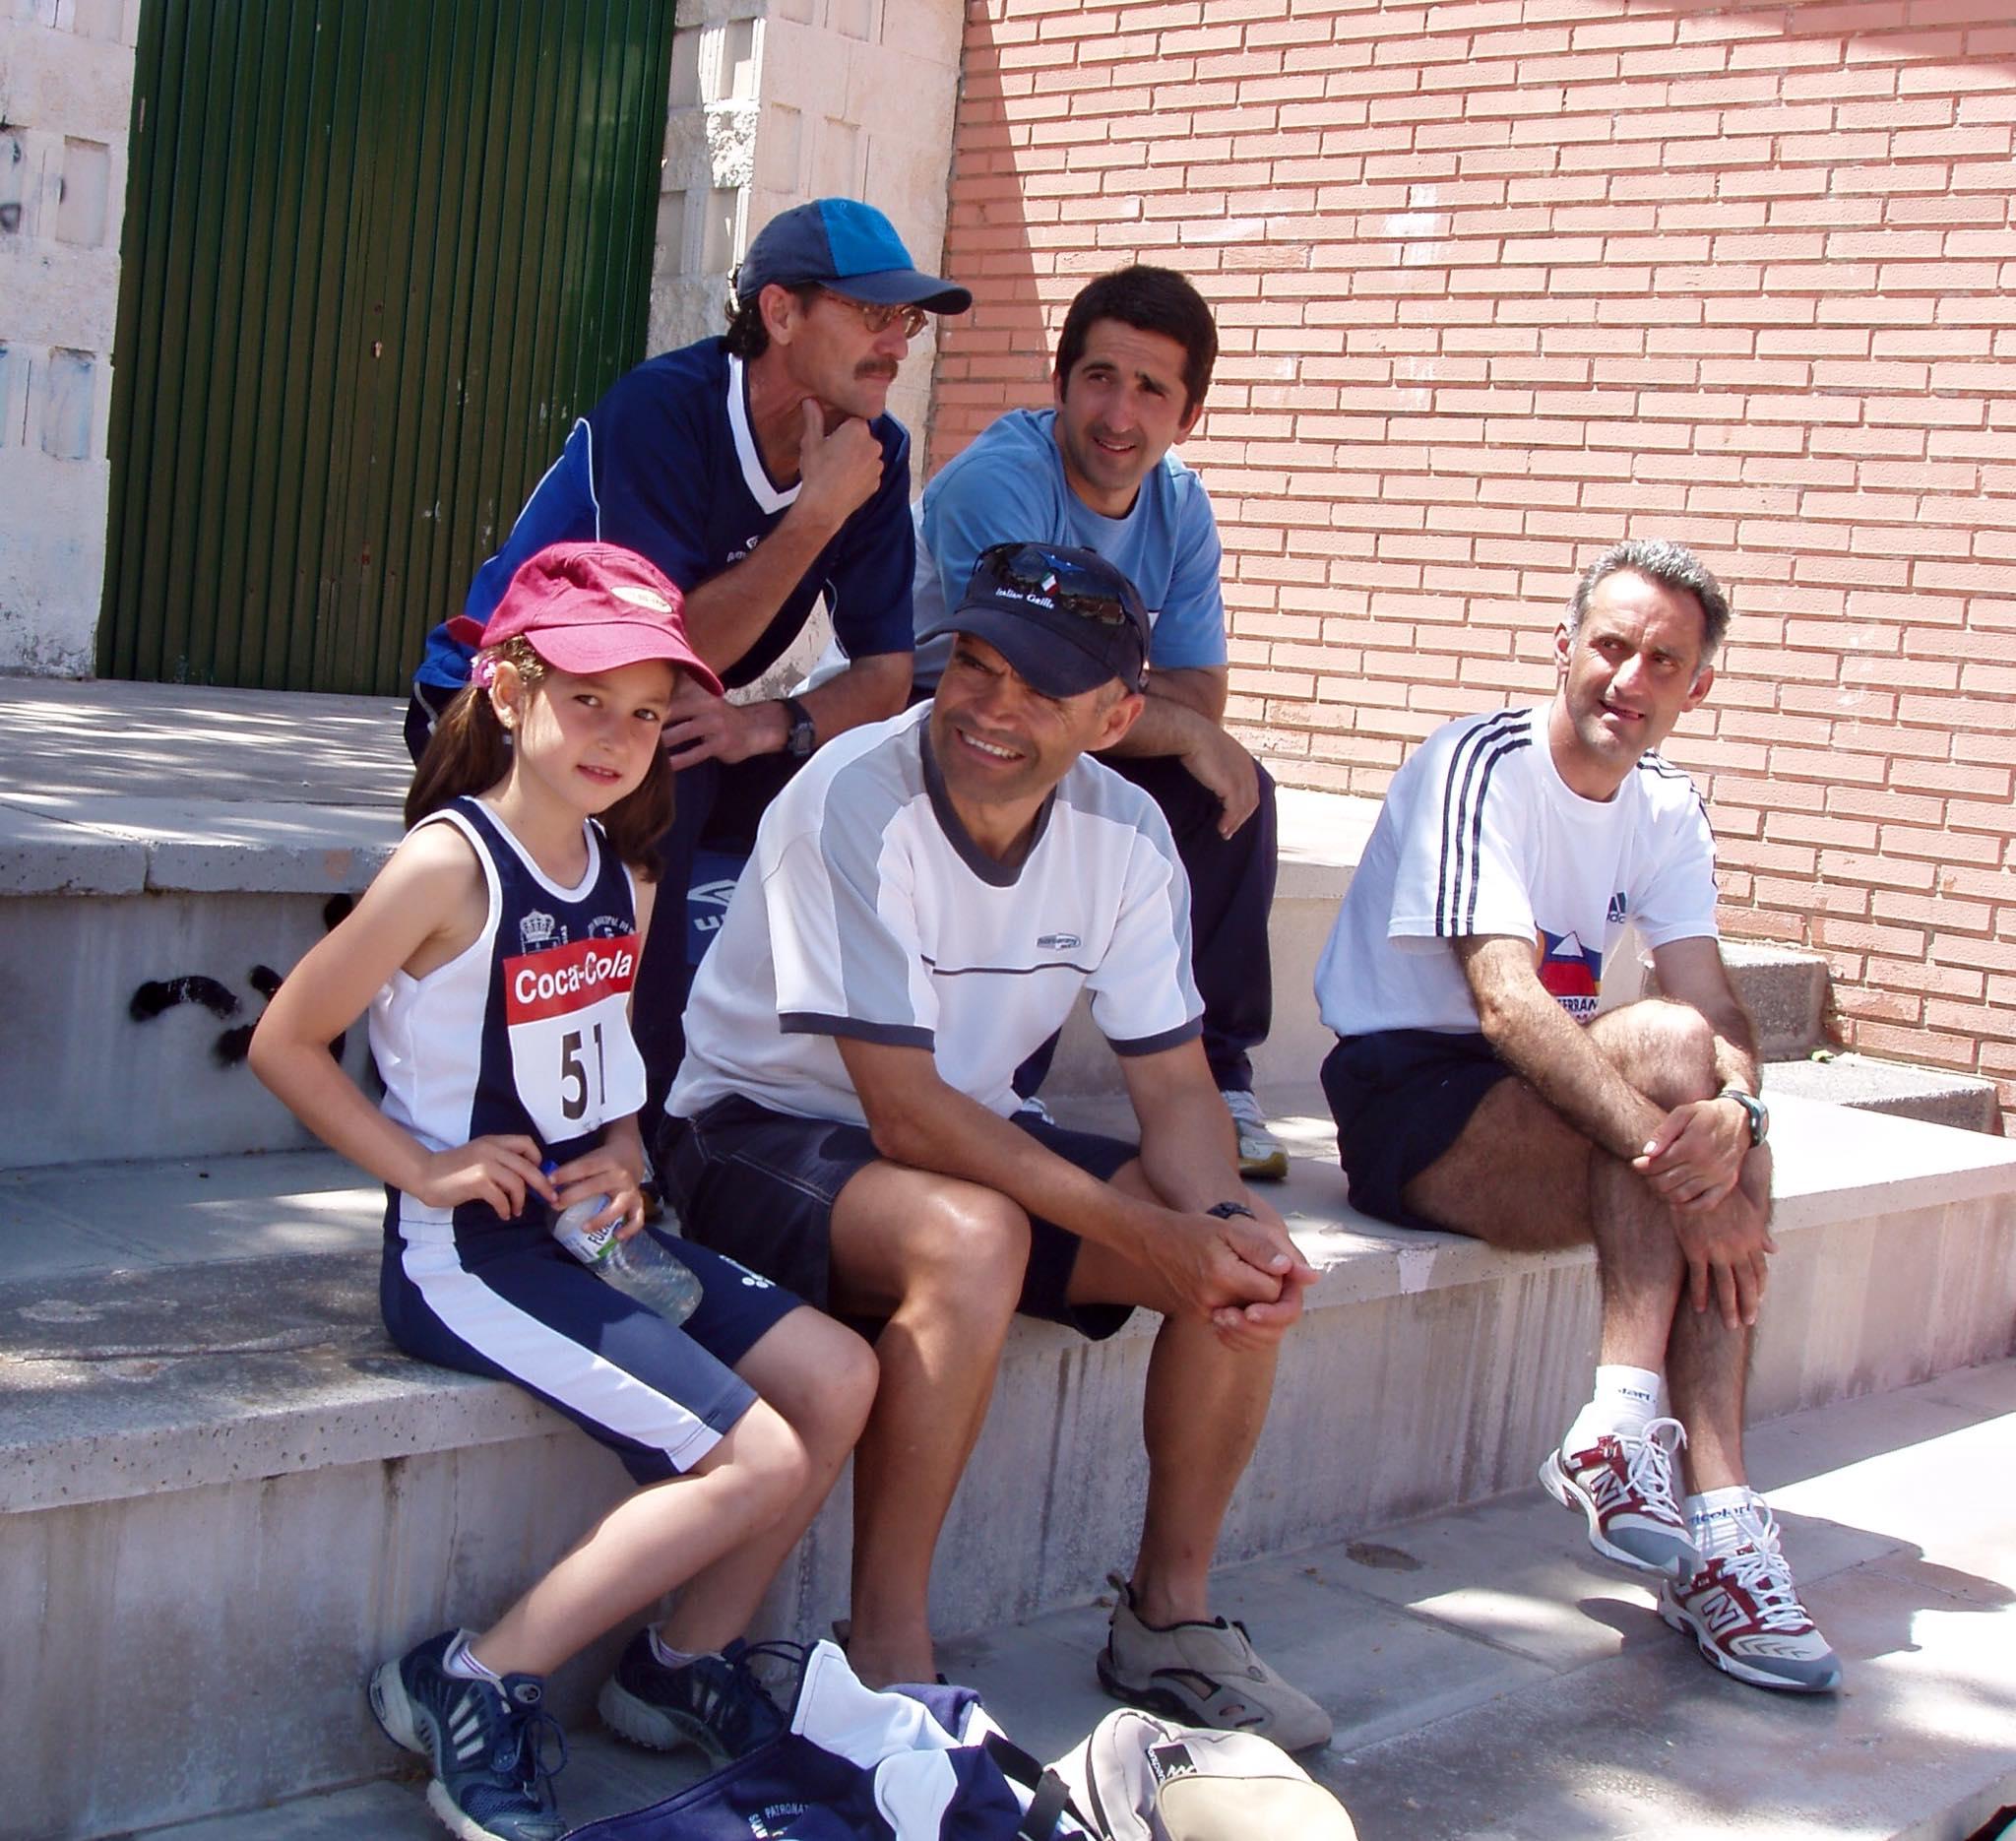 Manzano, arriba a la derecha, junto al os que fueron sus compañeros en el Club de Atletismo.